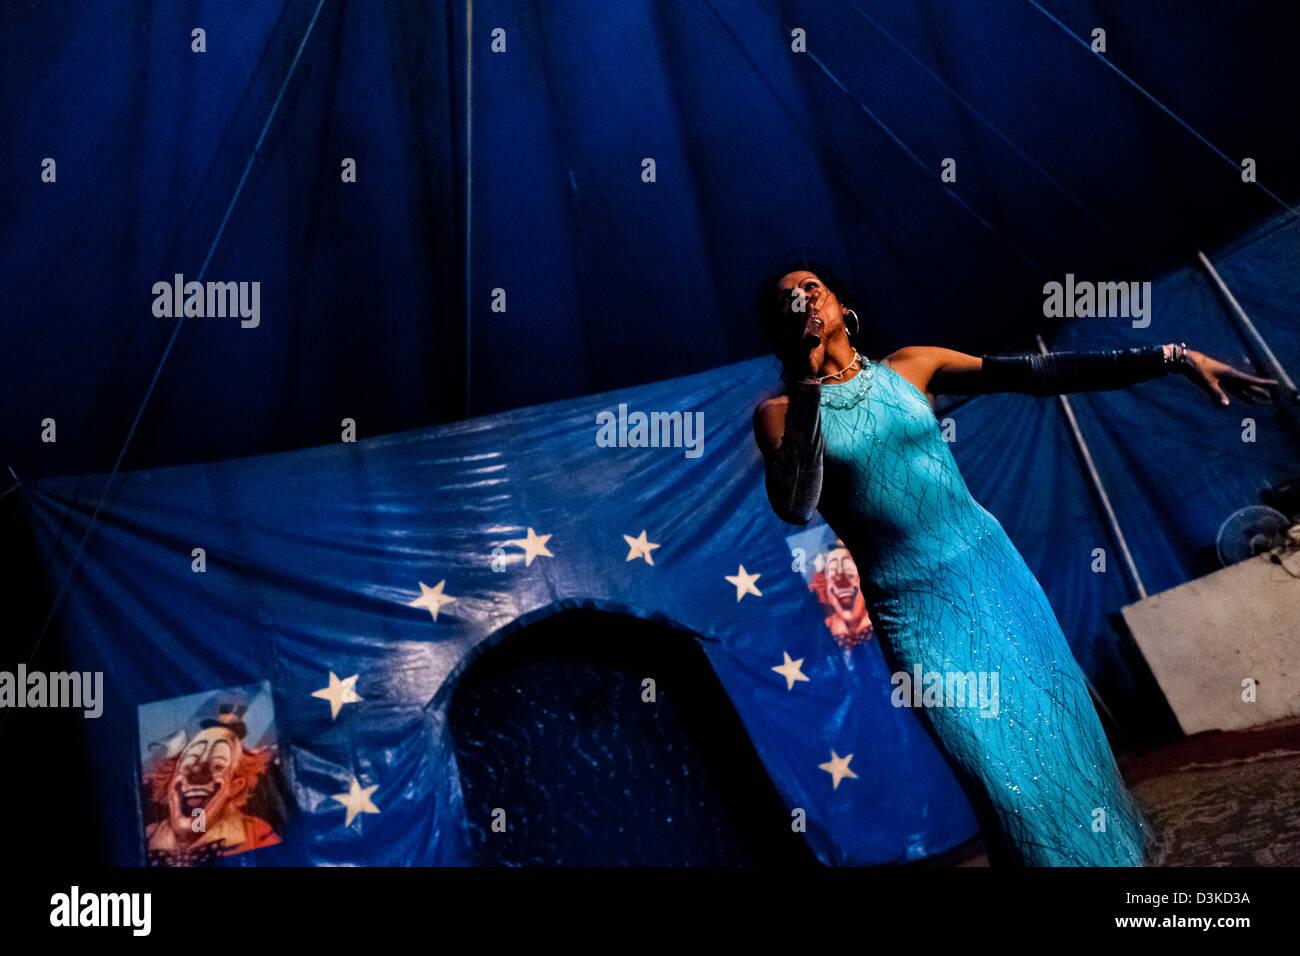 Enrique, a Salvadorean transvestite, performs at the Circo Brasilia, a family run circus travelling in Central America. - Stock Image